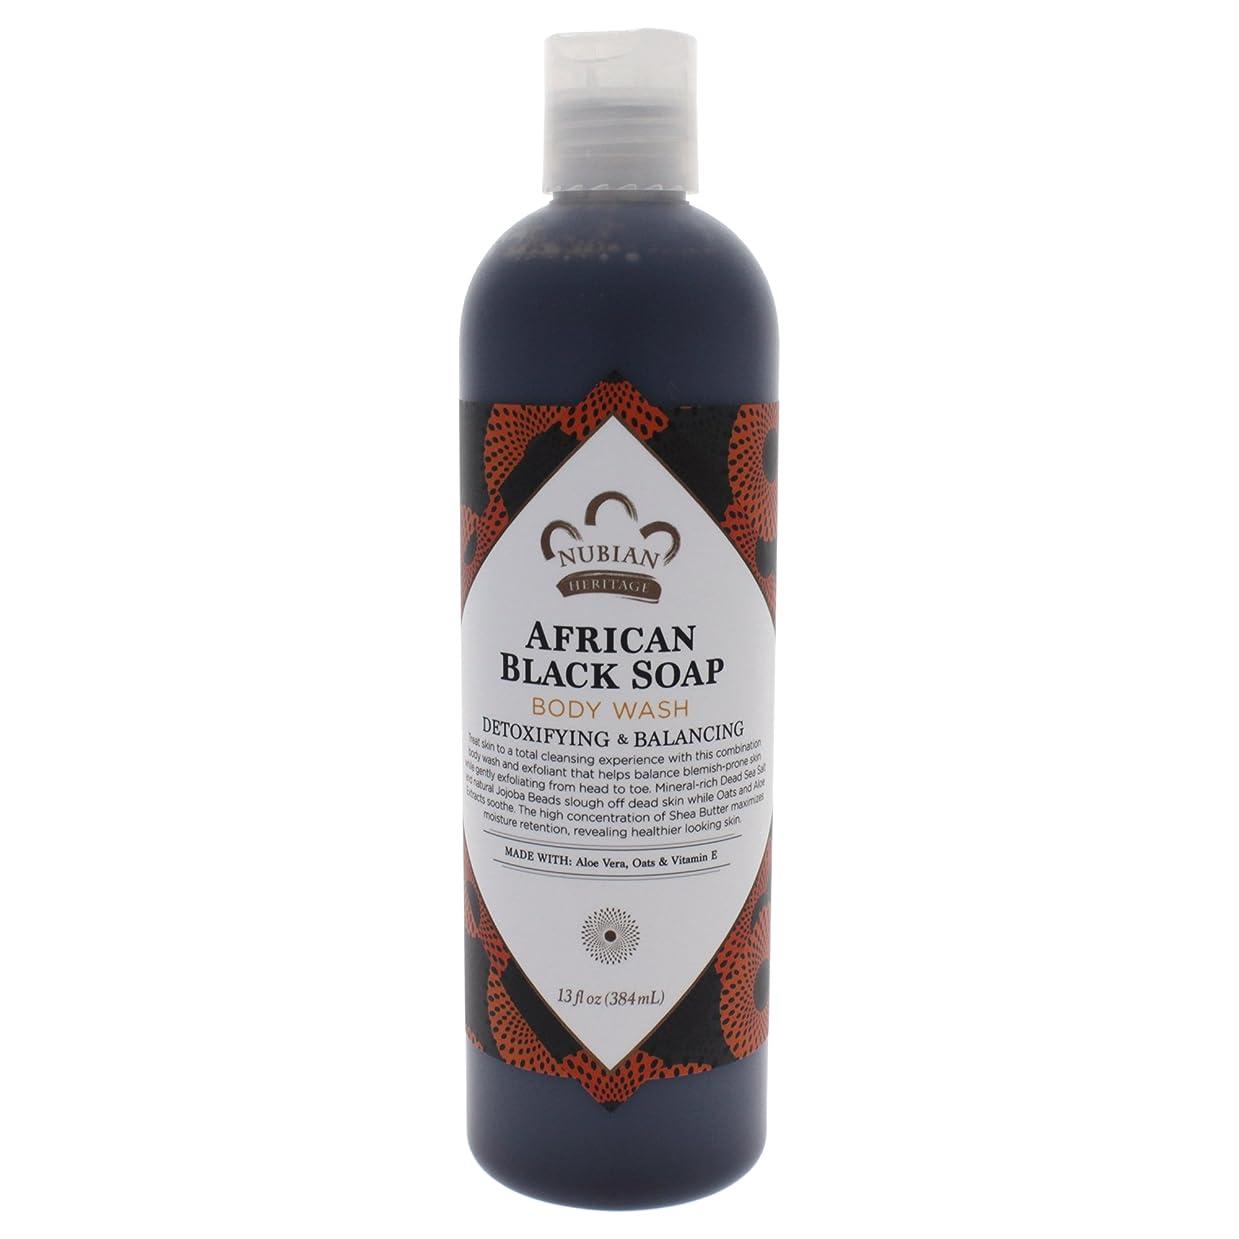 記念碑的な排泄物圧倒的Nubian Heritage - ボディウォッシュ アフリカ黒石鹸 - 13ポンド [並行輸入品]